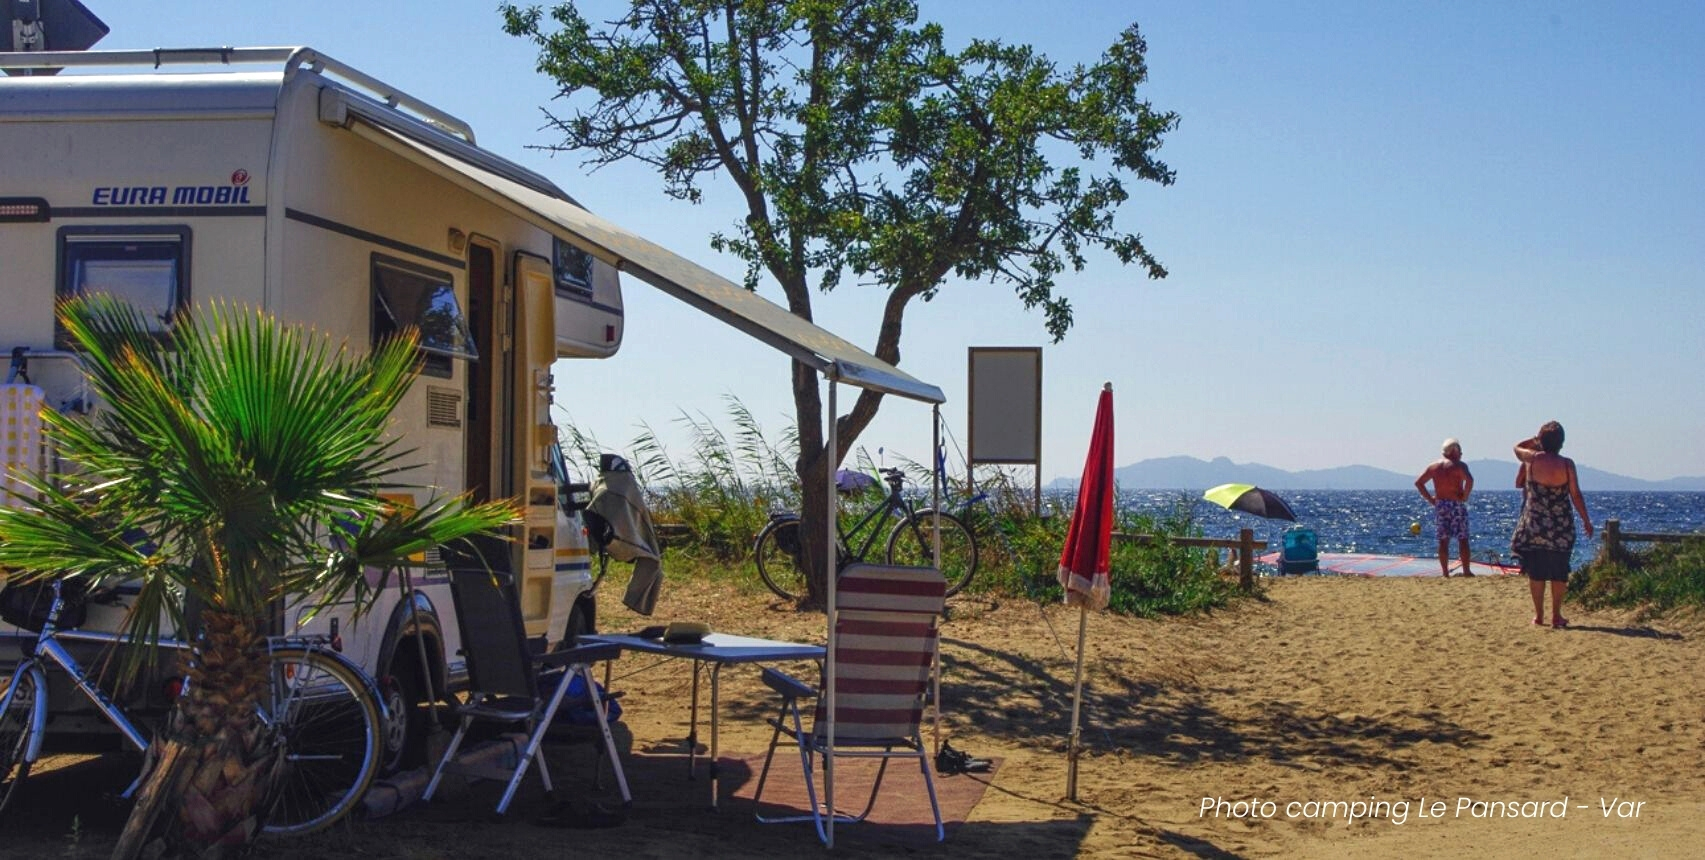 Un séjour en camping-car - Les Pieds dans l'Eau